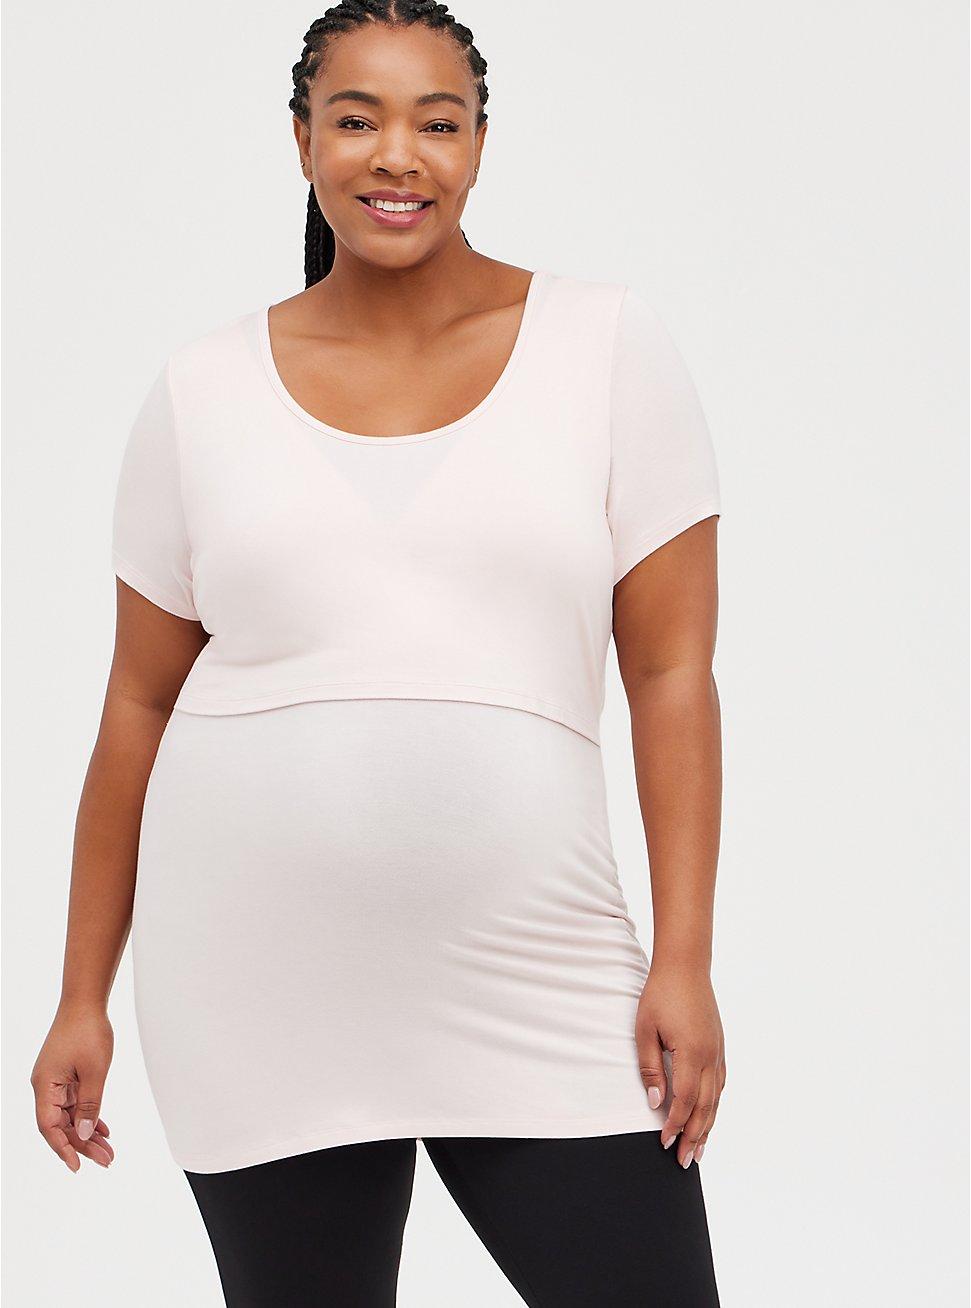 Maternity Nursing Top - Super Soft Pink, PINK, hi-res